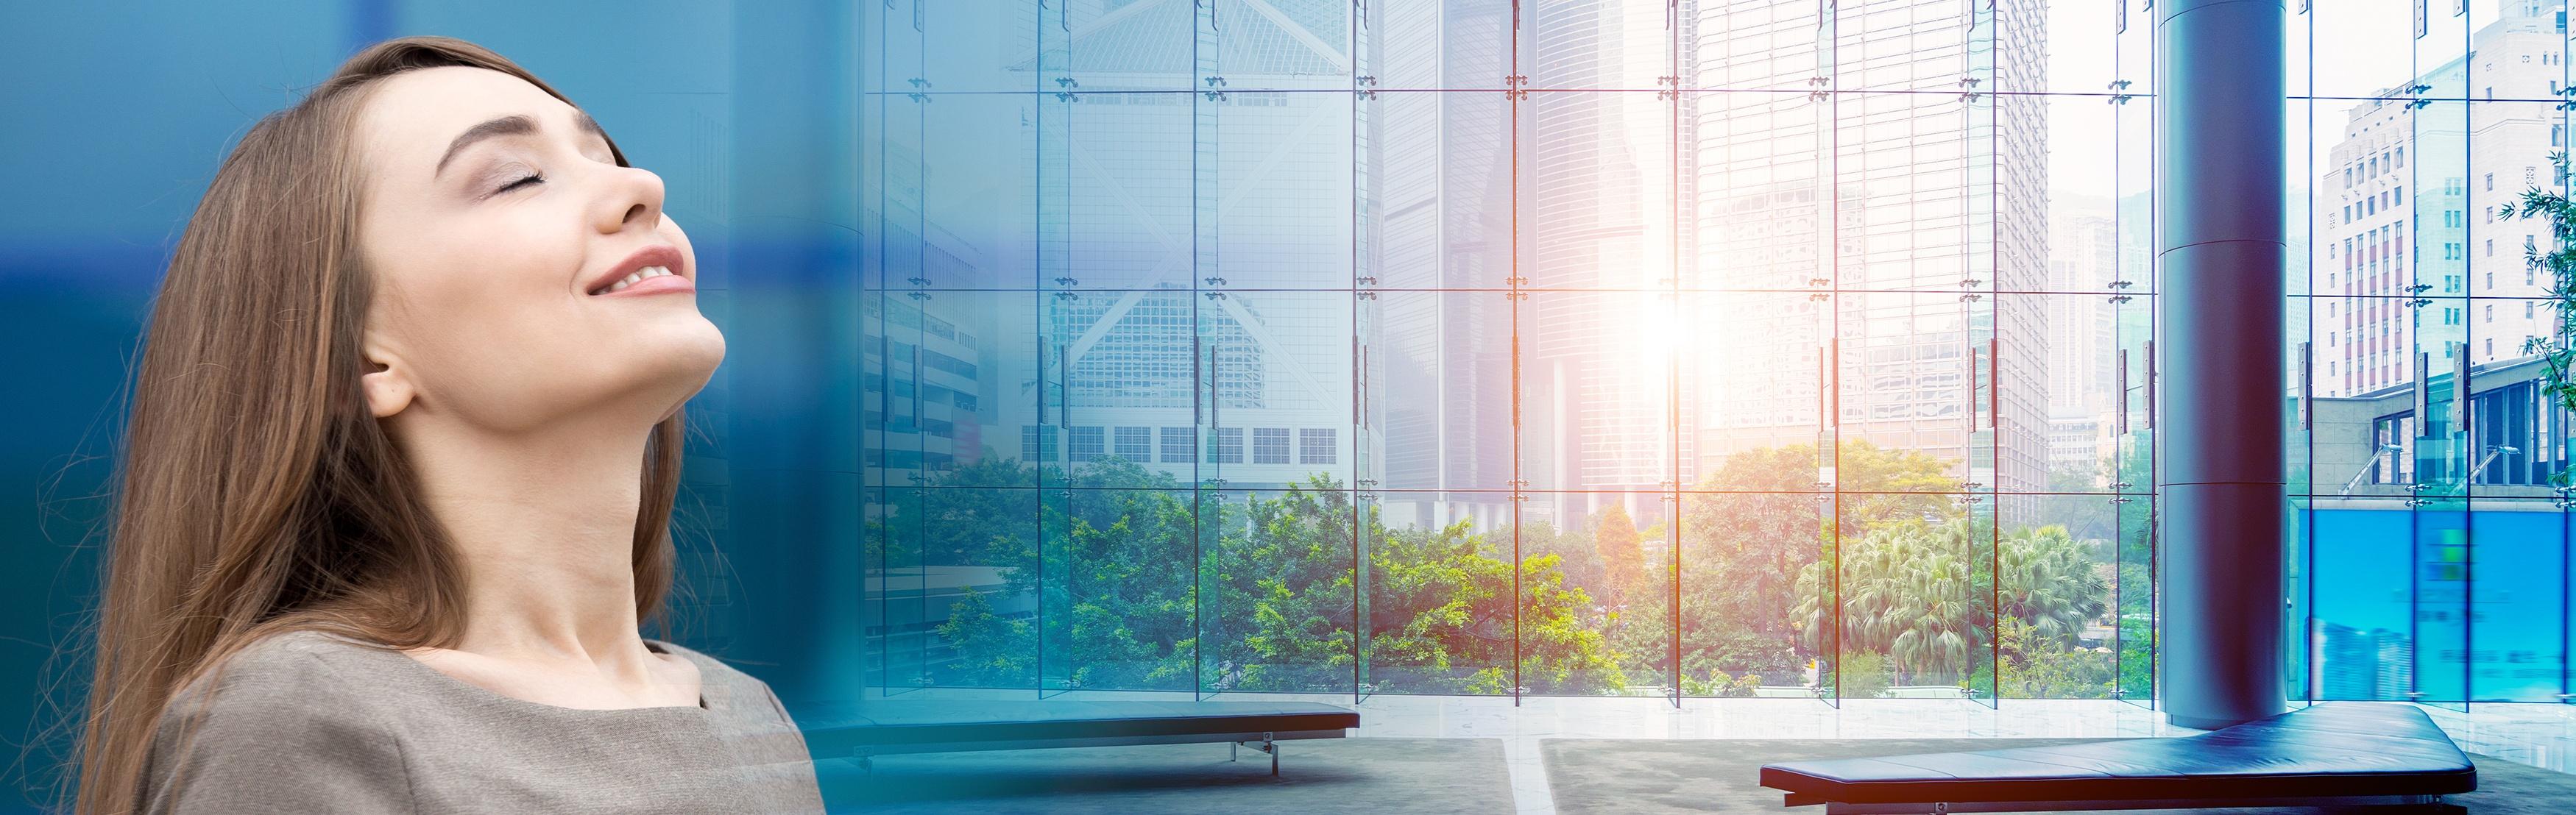 fresh-office-air-2k.jpg